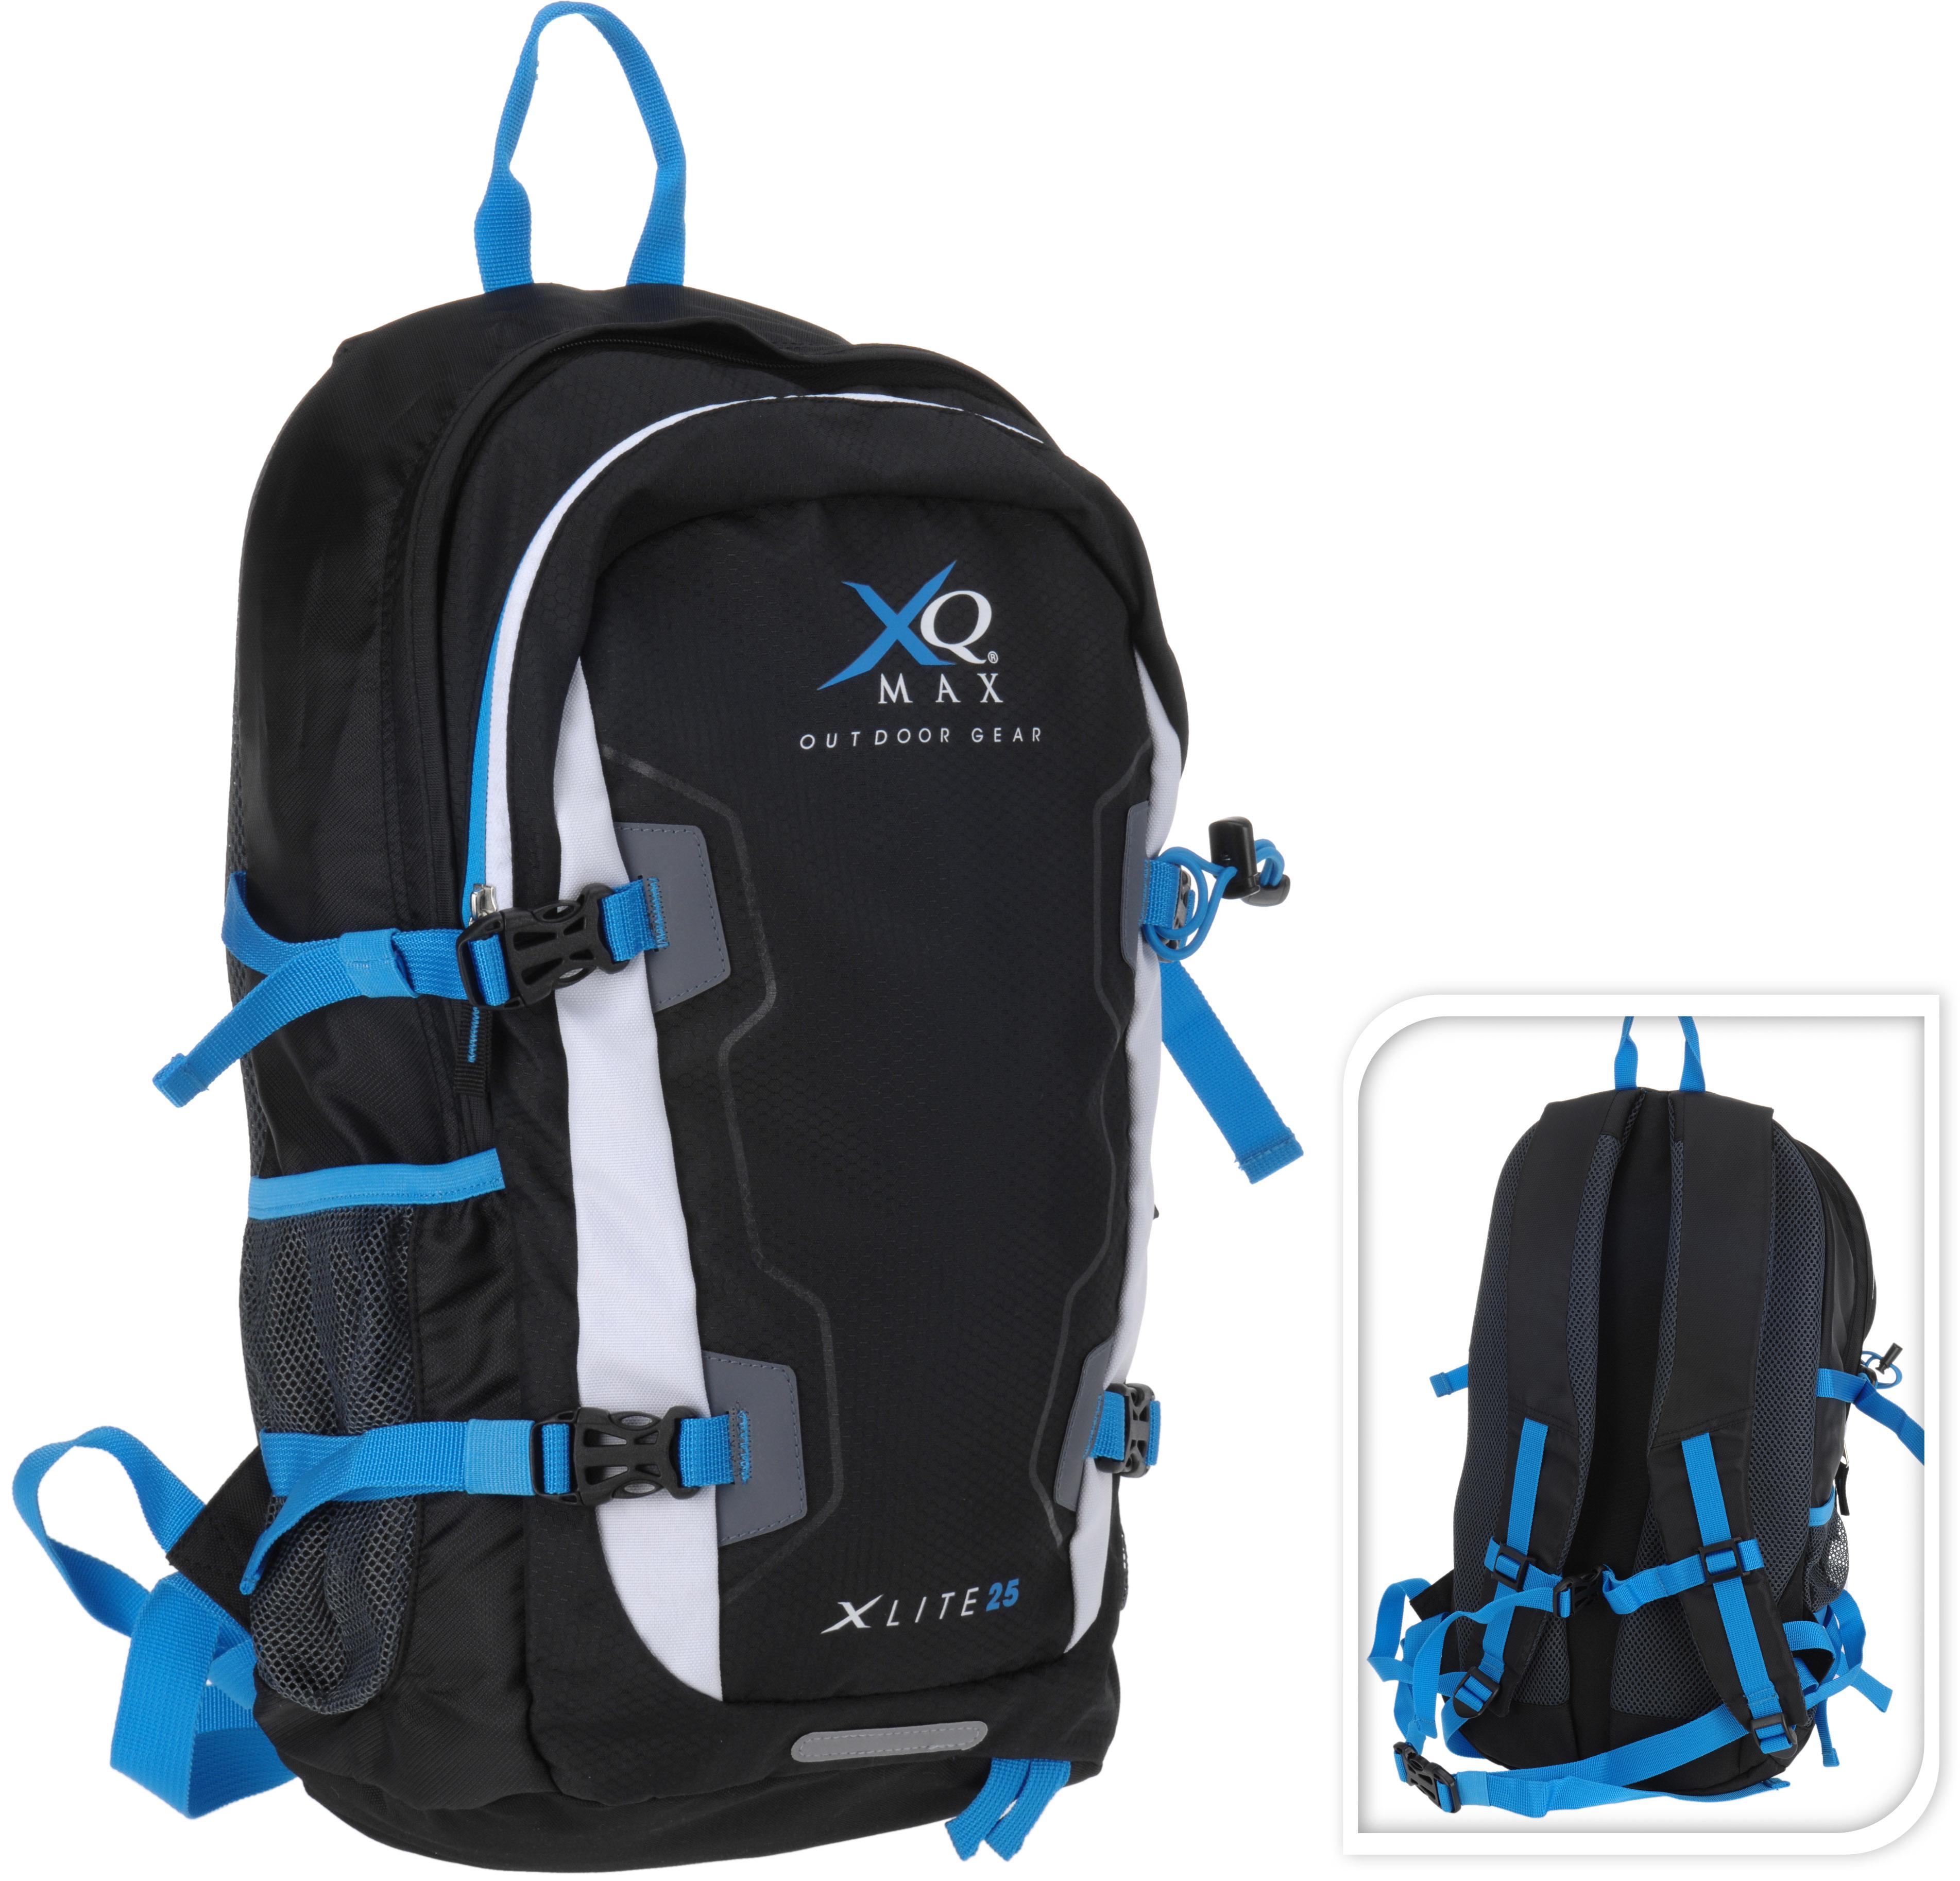 Xq max rugzak x lite 25 zwart. volume 25 liter. gewicht 0.49kg. grootte 49x24x11cm. schuimrubber/airmesh ...